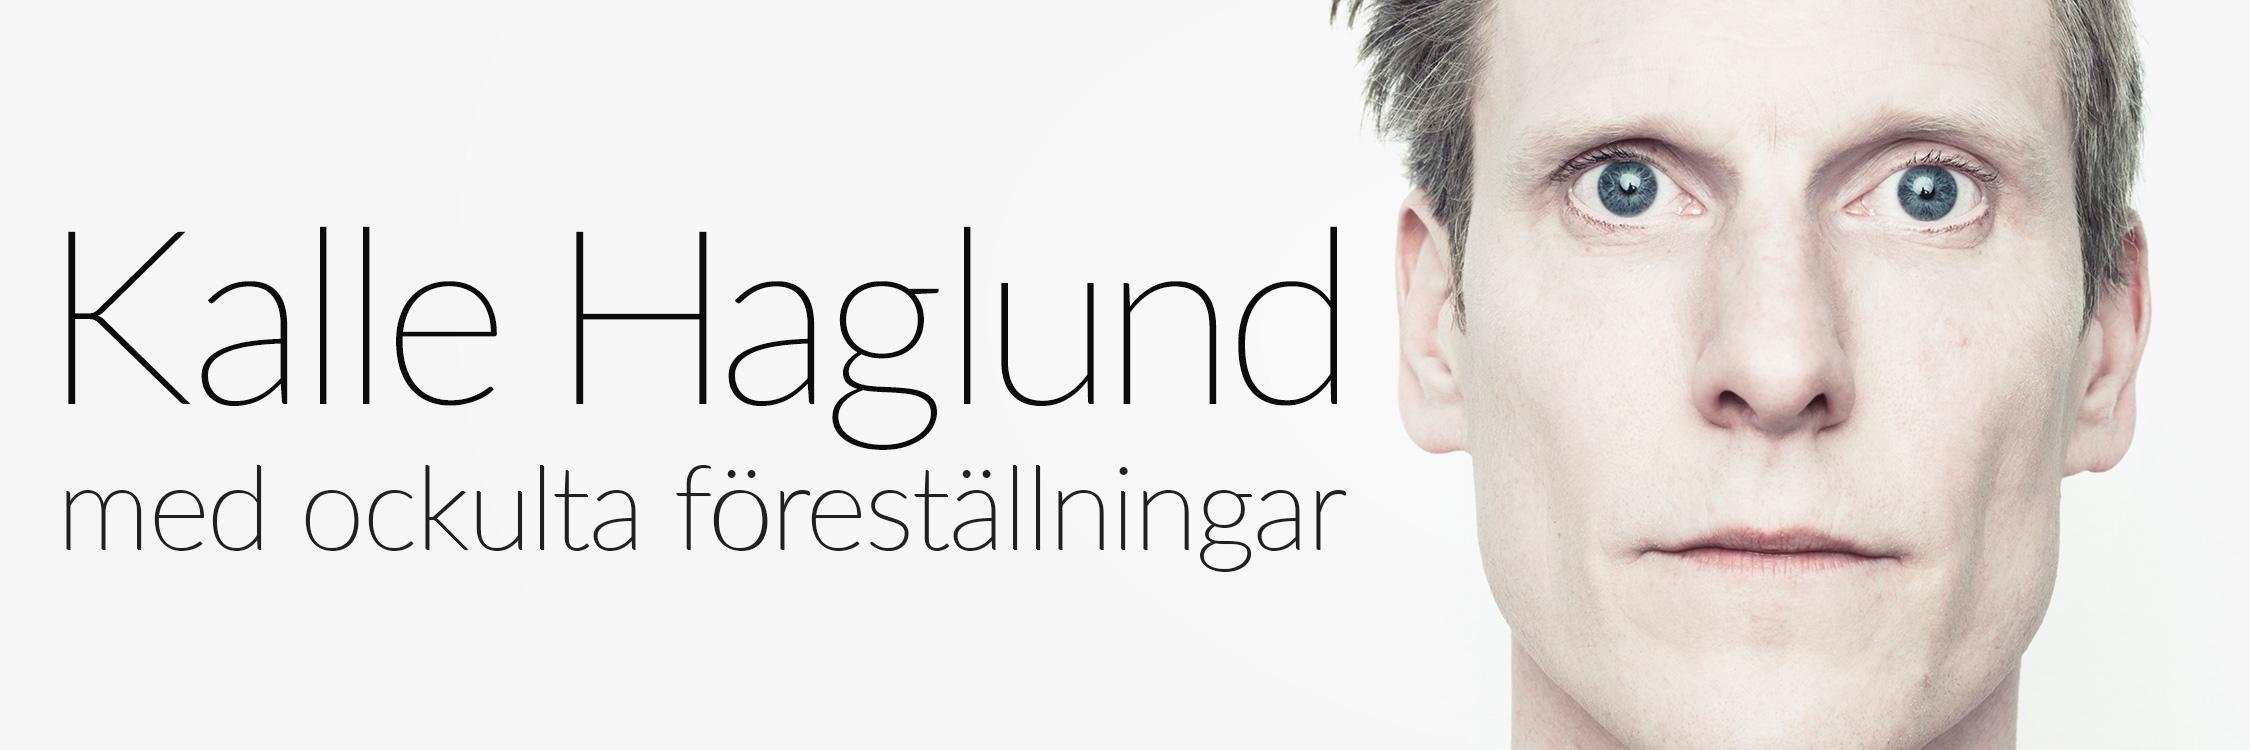 gal_kalle_haglund_slider